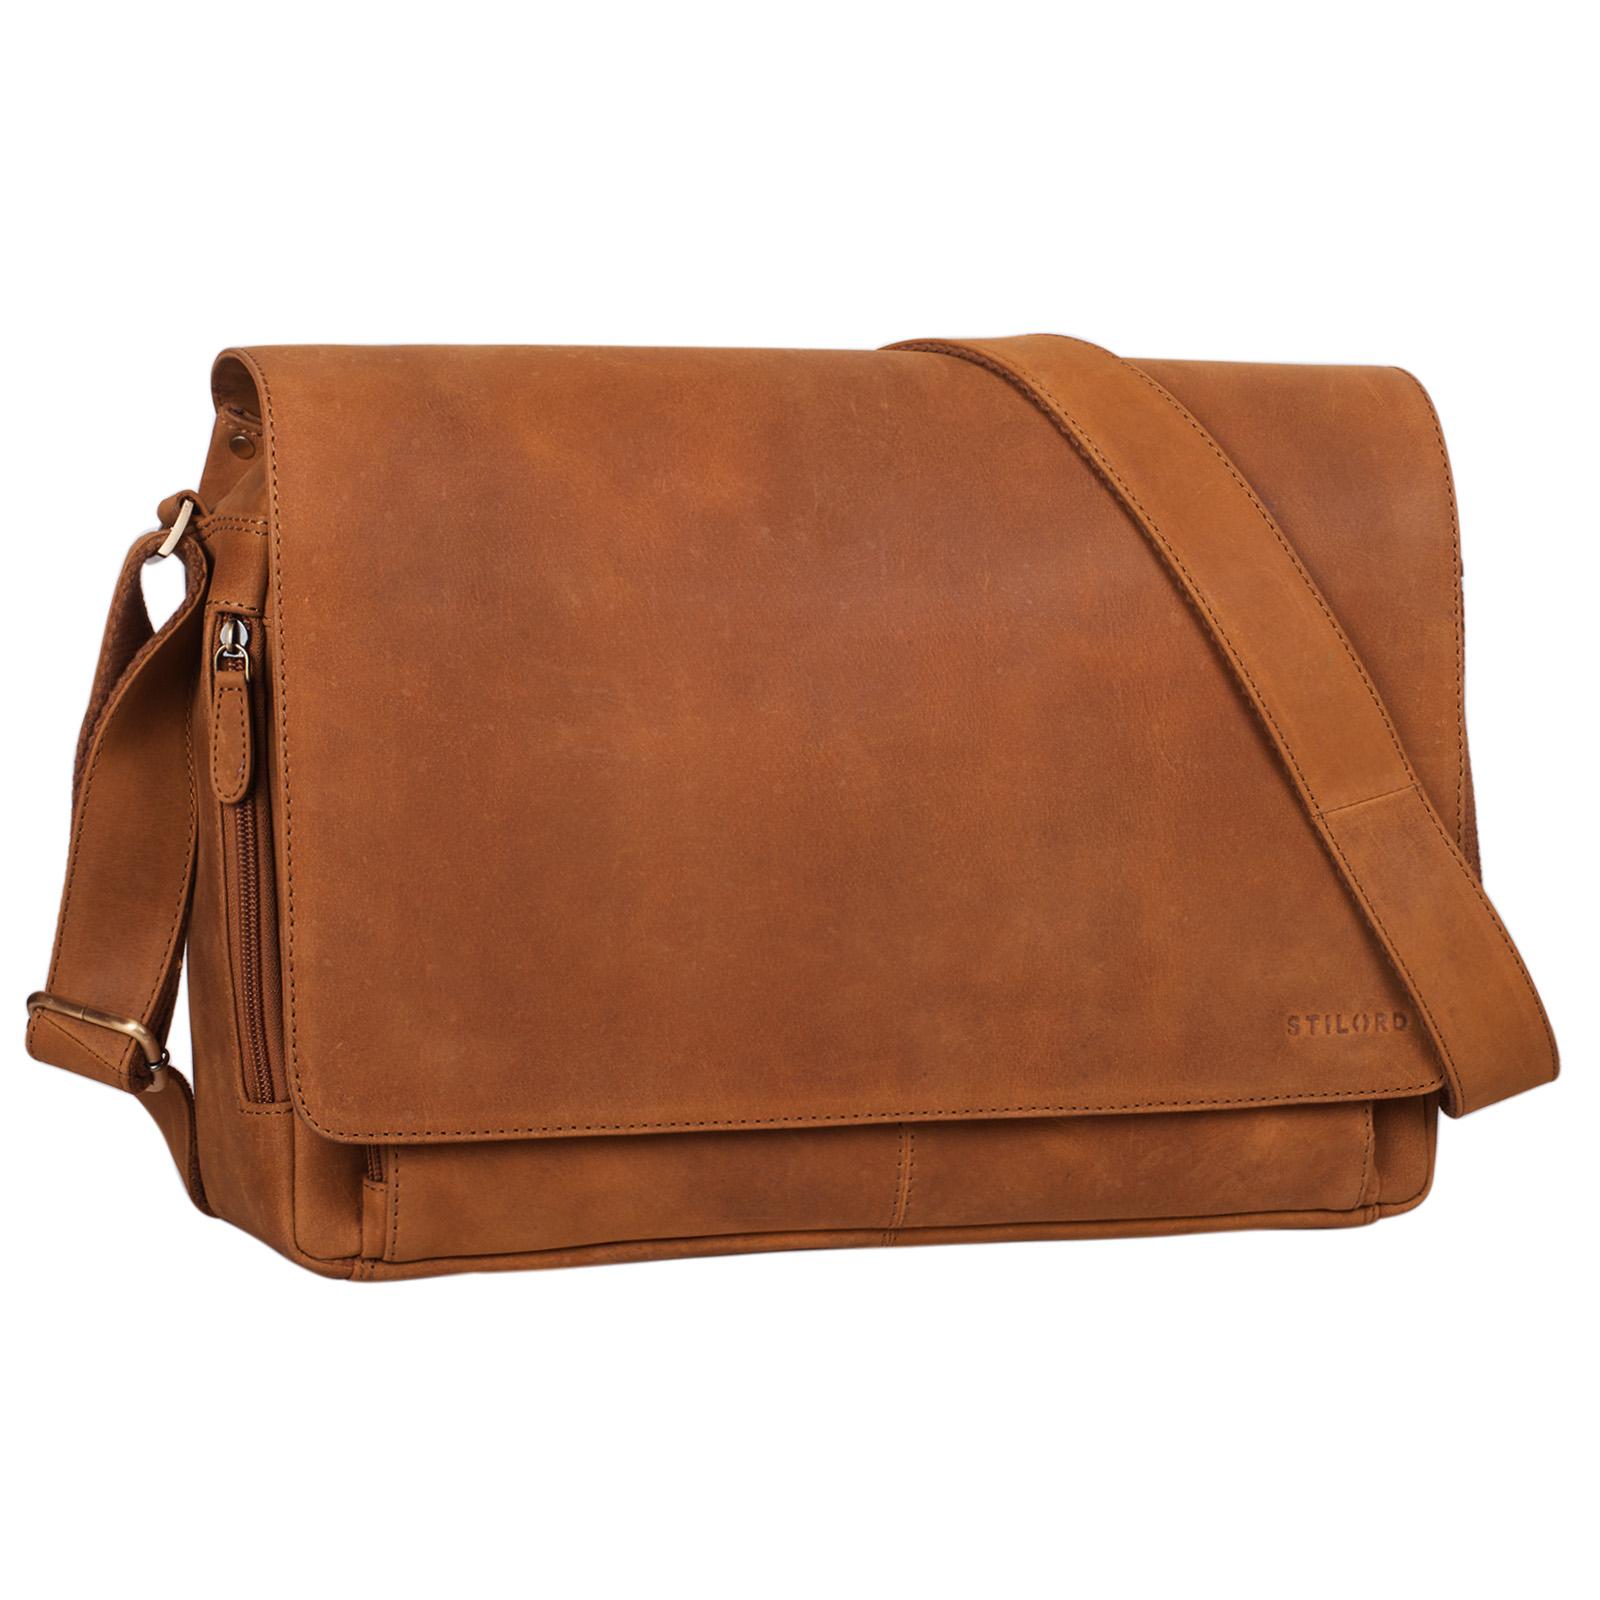 """STILORD """"Tom"""" Vintage Leder Umhängetasche für Studium Uni Büro Arbeit 15 Zoll Laptoptasche DIN A4 Schultertasche Echtleder - Bild 10"""